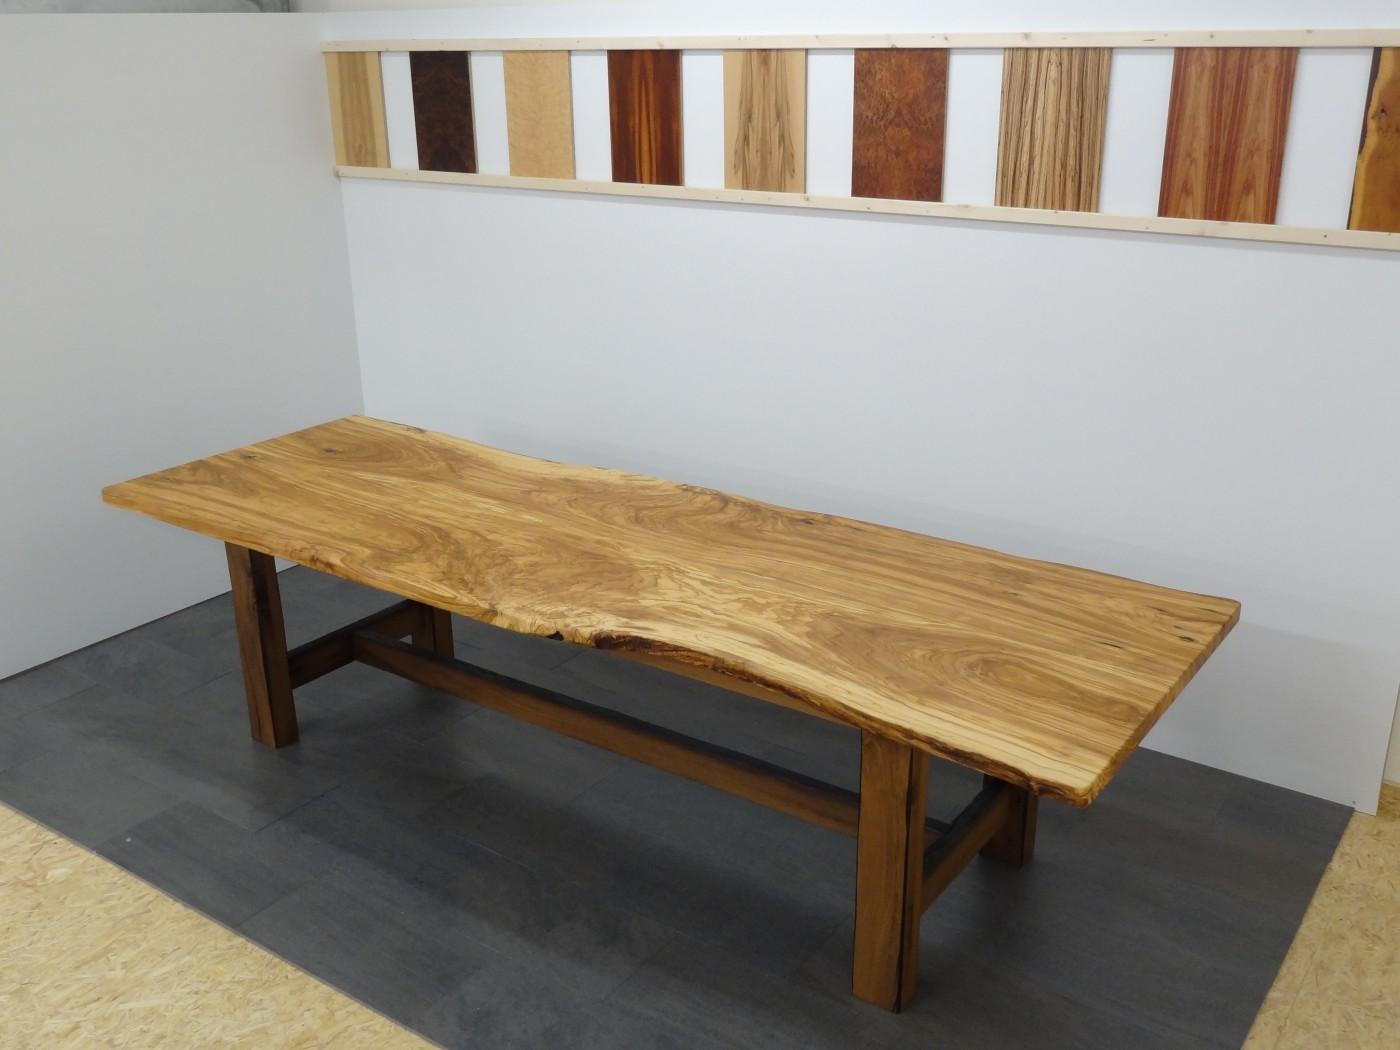 tisch unikat aus olivenholz. Black Bedroom Furniture Sets. Home Design Ideas